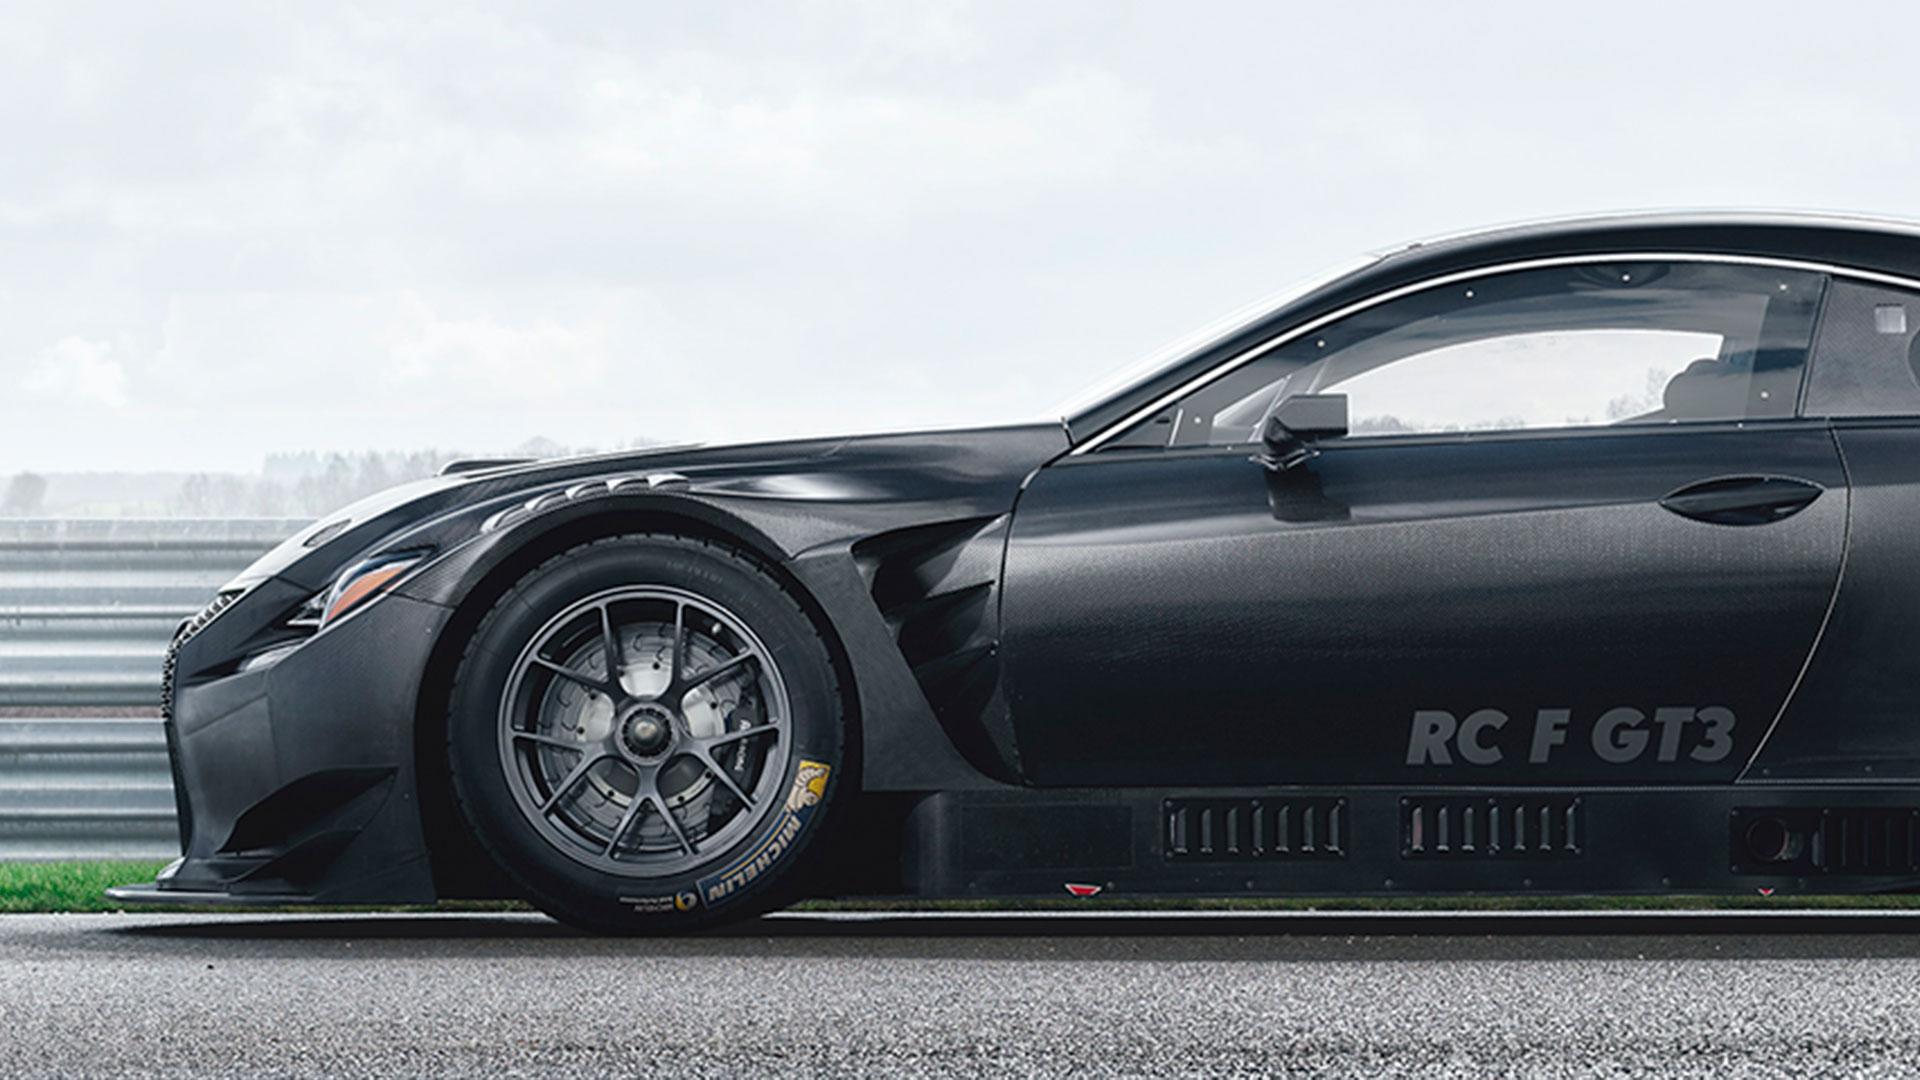 Lexus RC F GT3 2017 hero asset